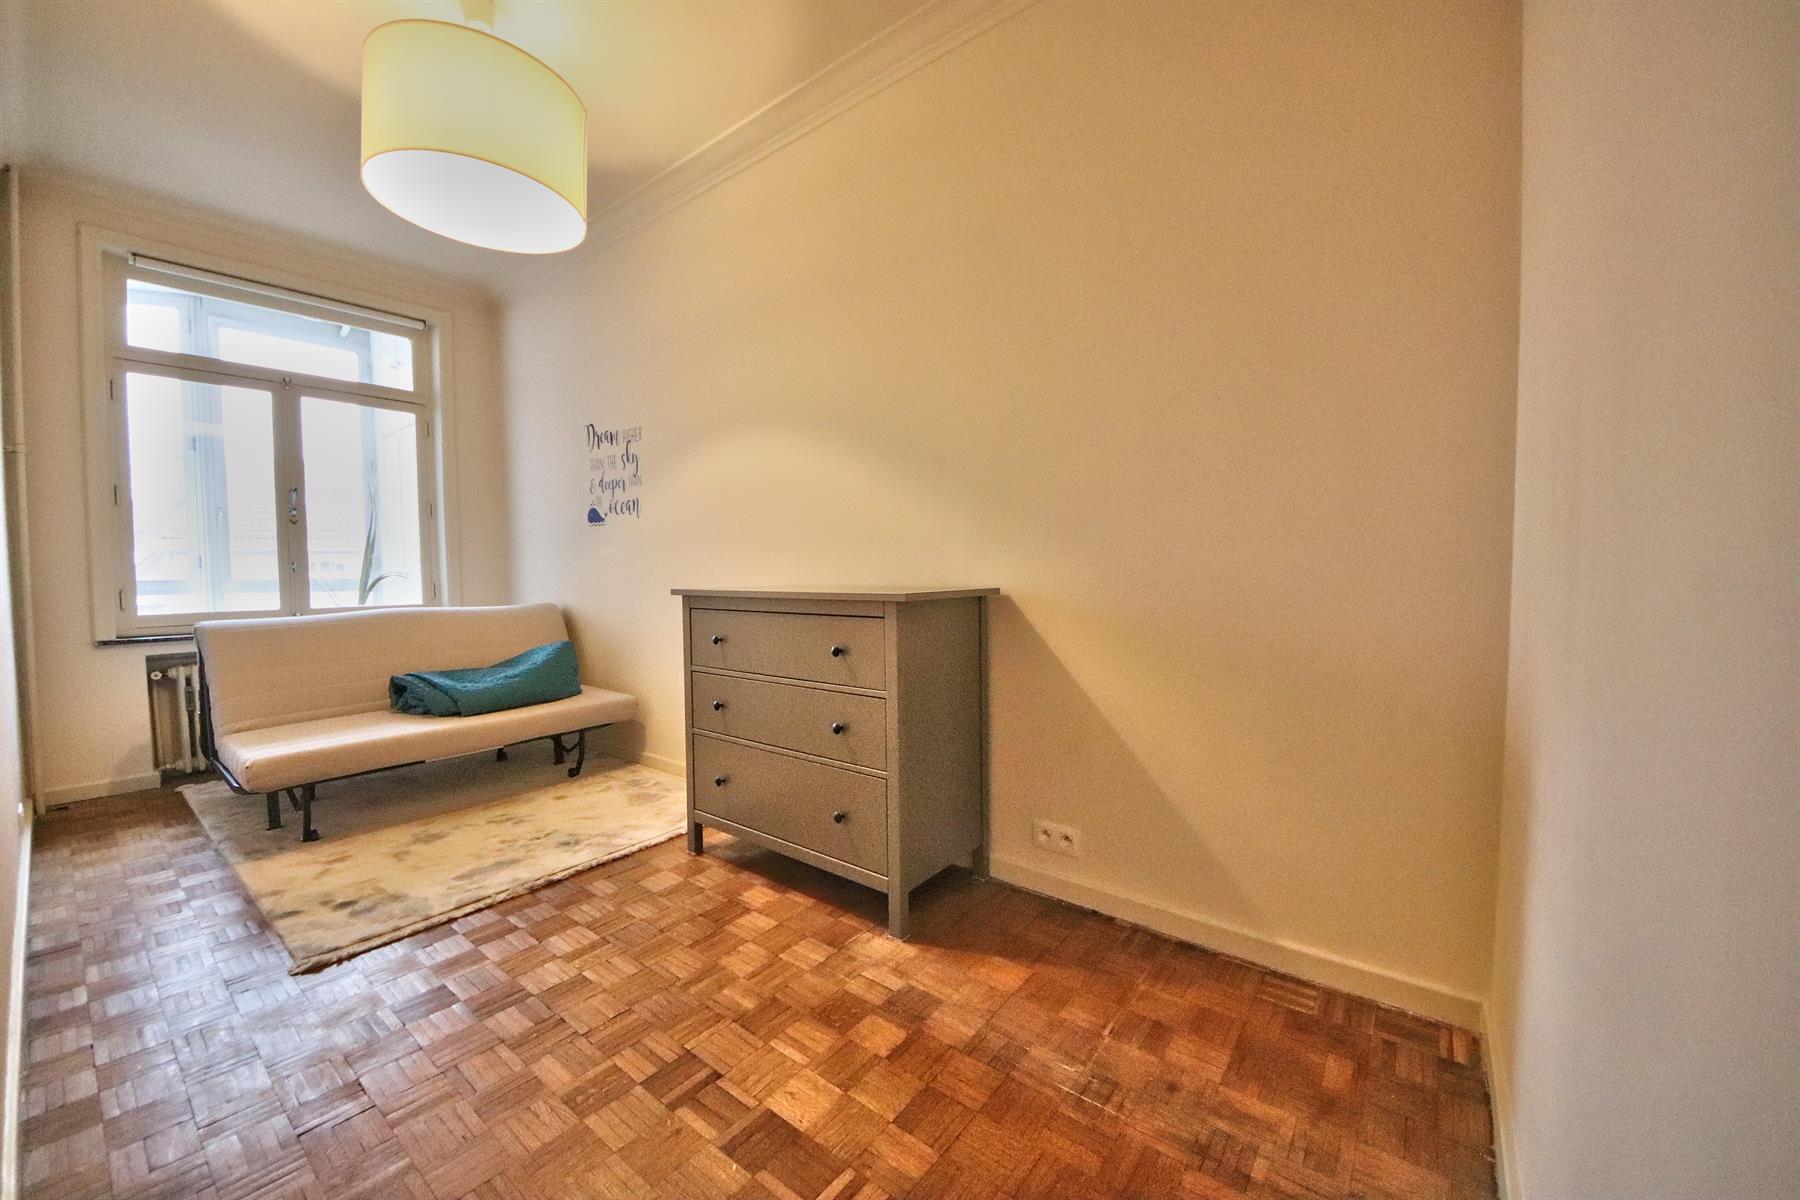 Appartement - Etterbeek - #4256824-9